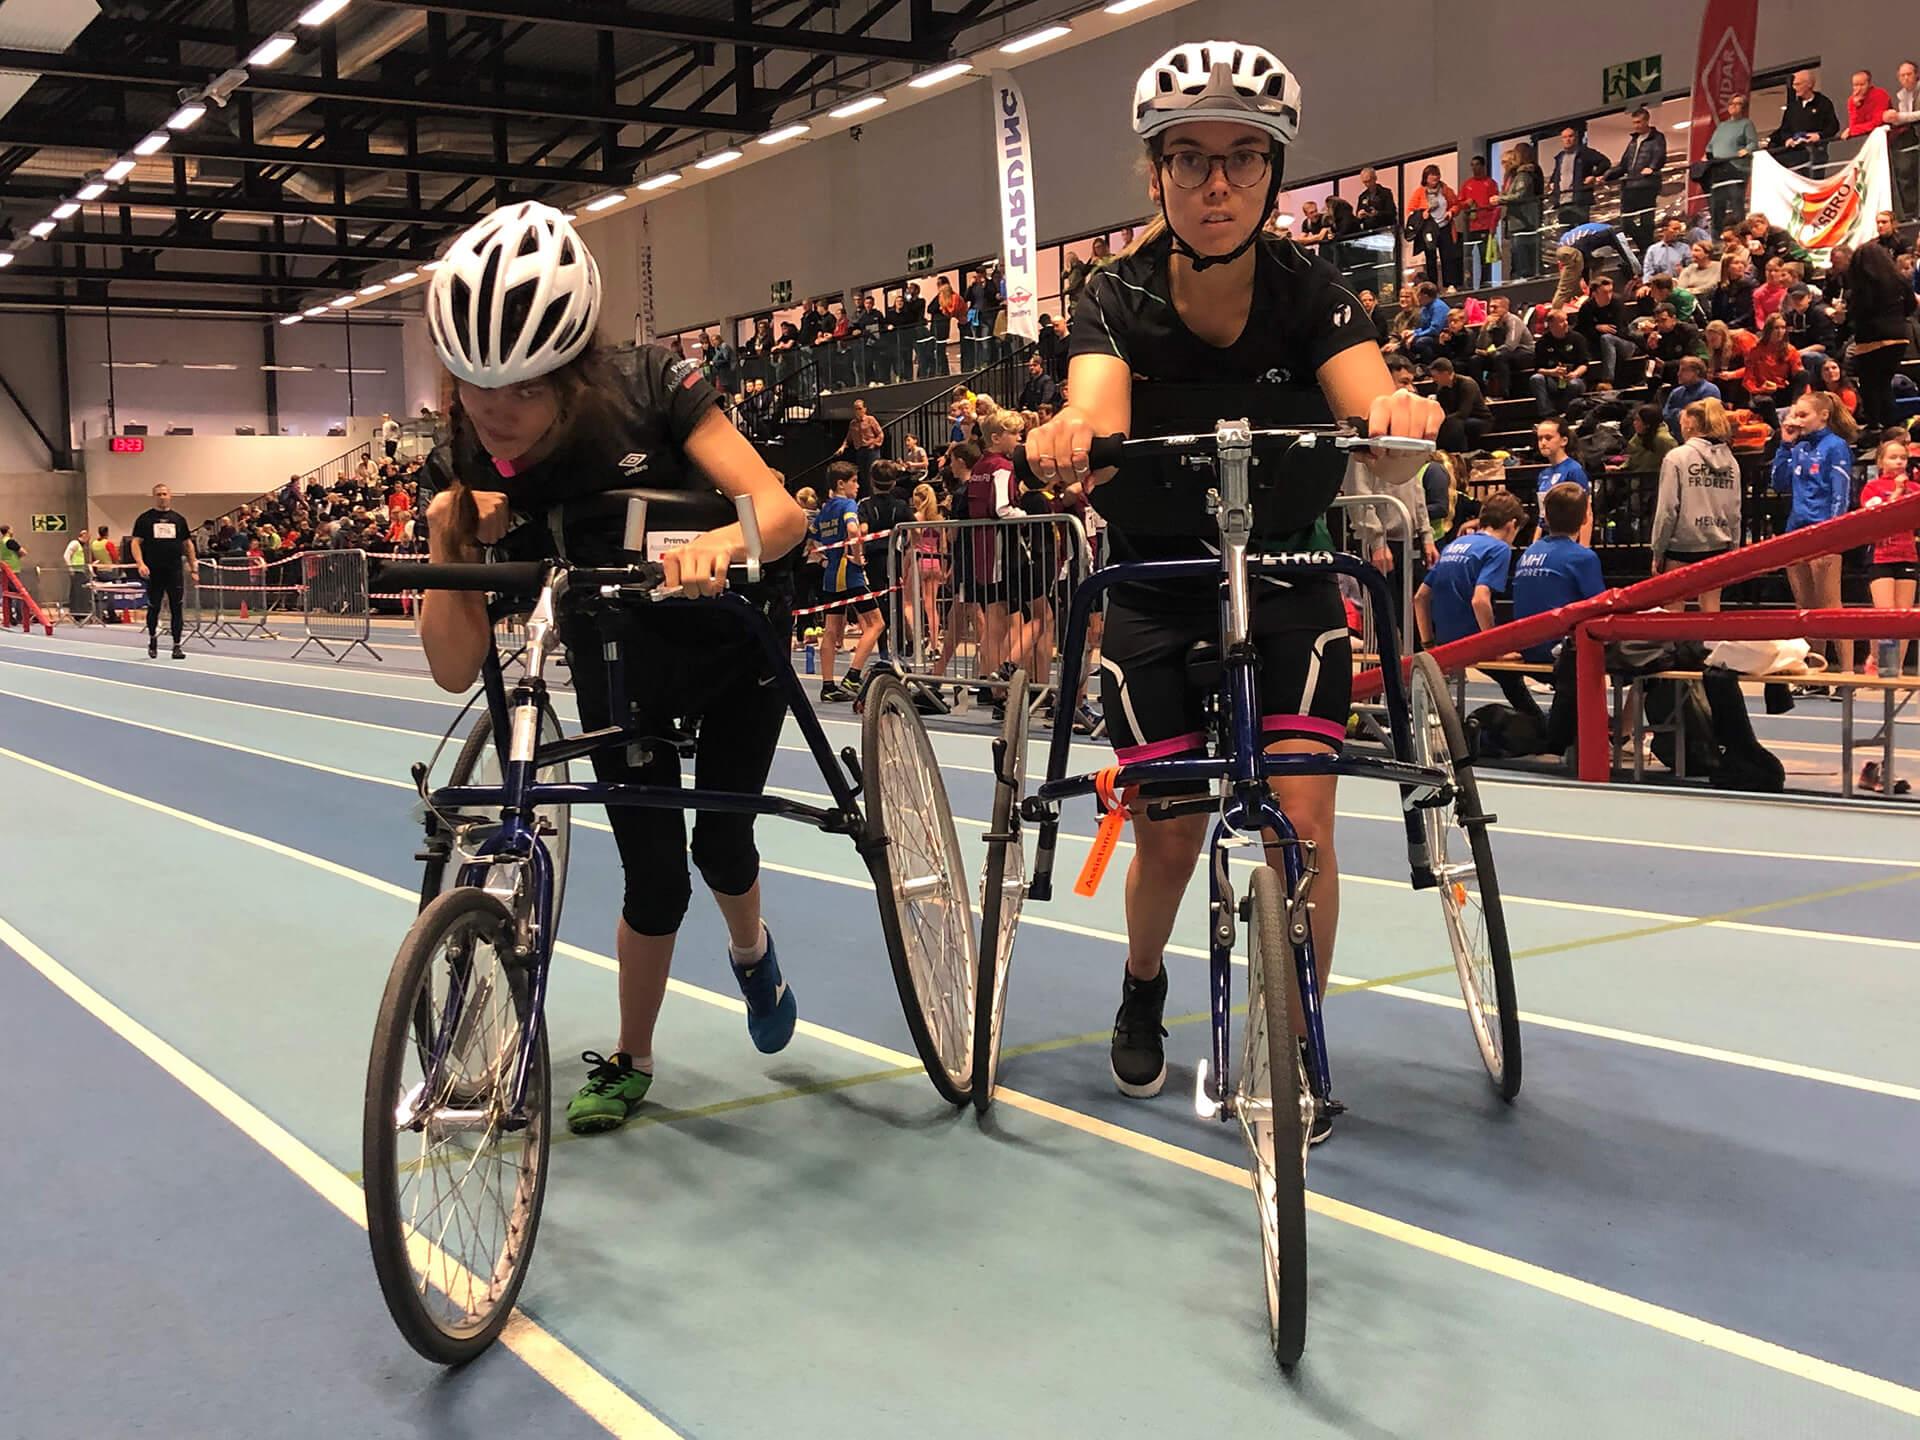 Bilde av artikkelskribent Sofie Østerbø Jansen og en annen utøver. De er begge på banen for å gjennomføre et løp i Racerunning. Sofie kikker inn i kamera mens hun holder rundt løpesykkelen.